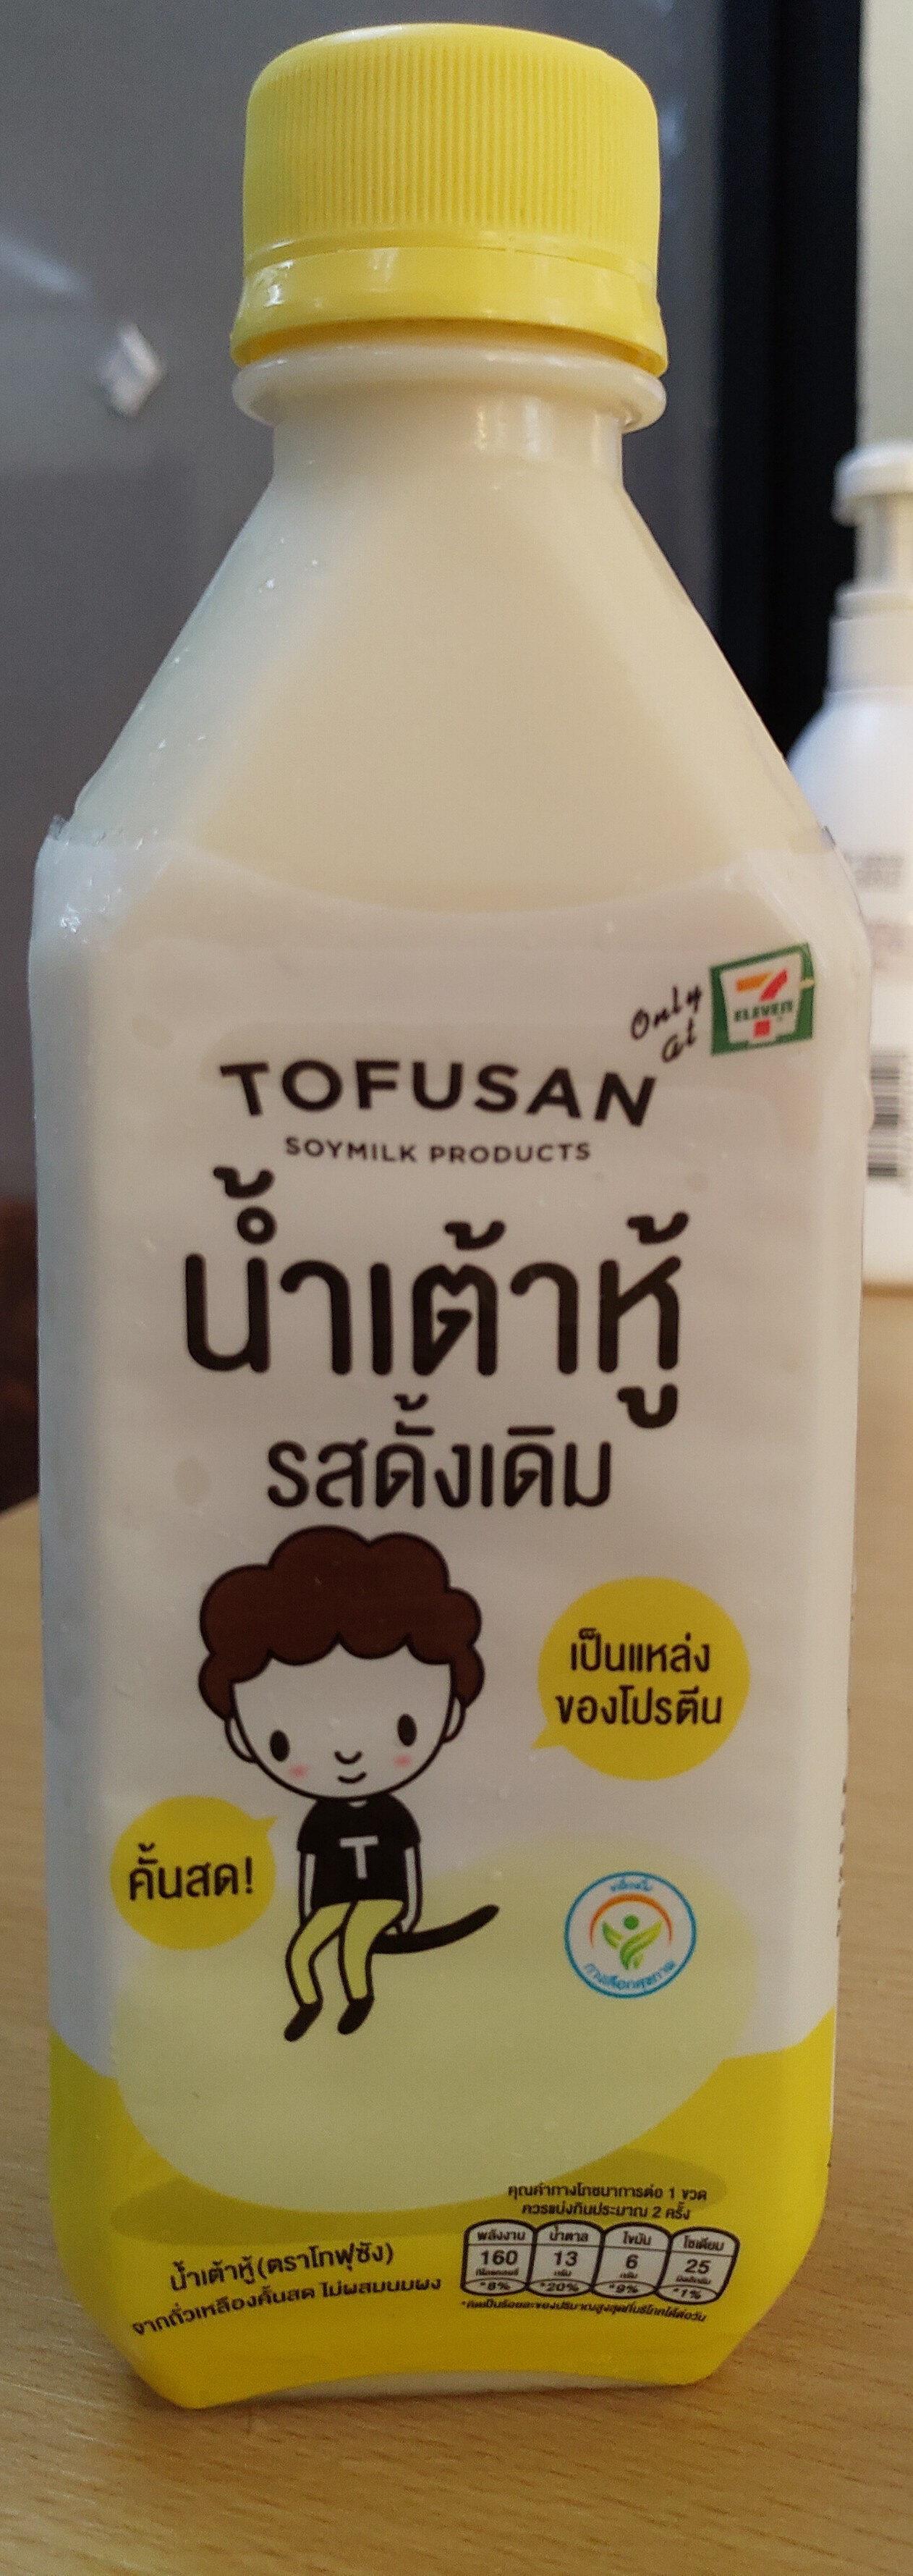 น้ำเต้าหู้ - Product - th